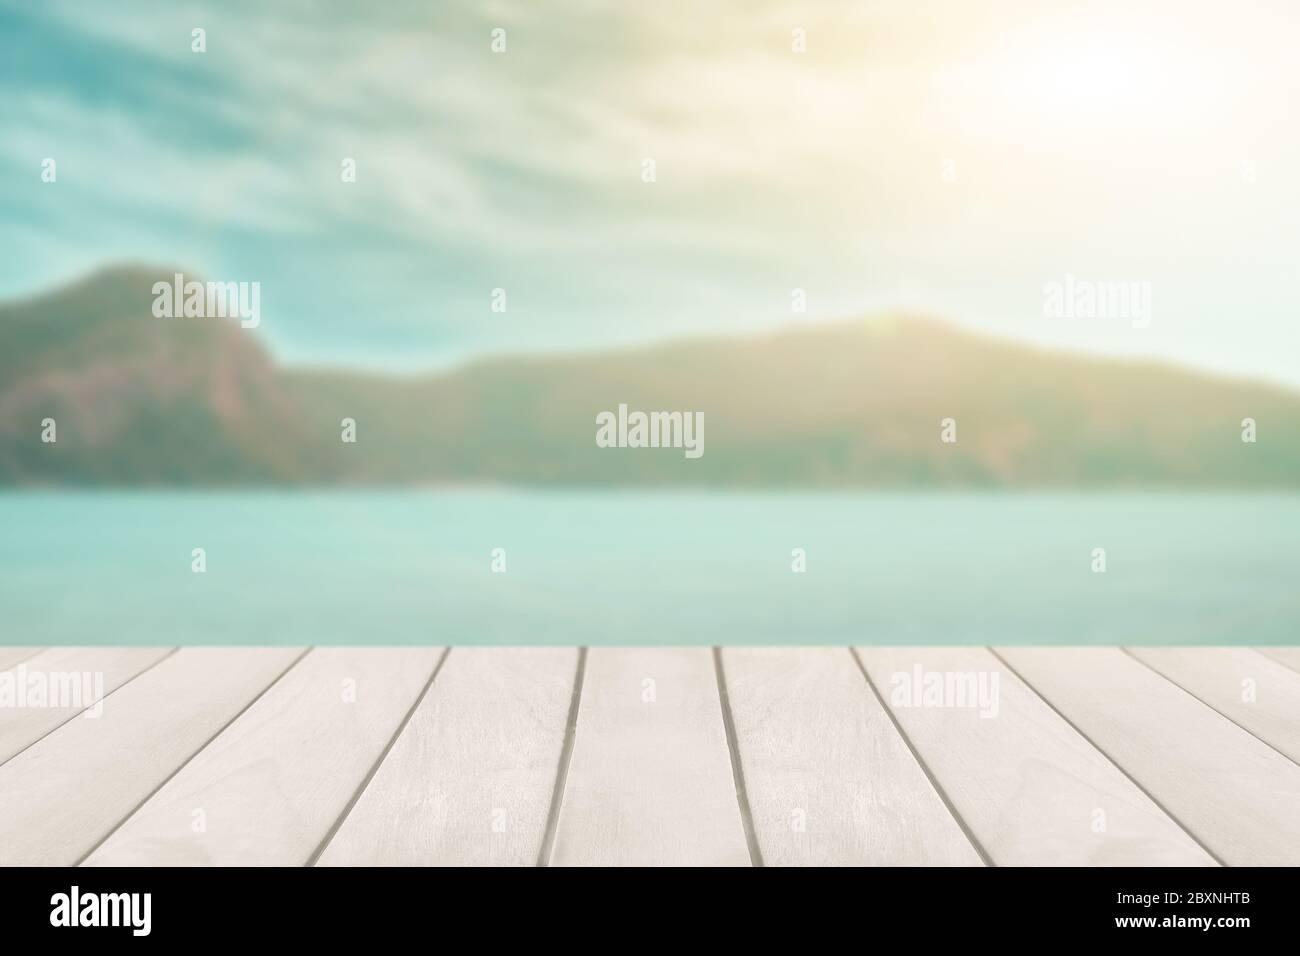 Prospettiva vuota tavolo bianco in legno sulla parte superiore sfocatura sfondo stagcape. Per la visualizzazione o il layout del progetto dei prodotti di montaggio. Foto Stock